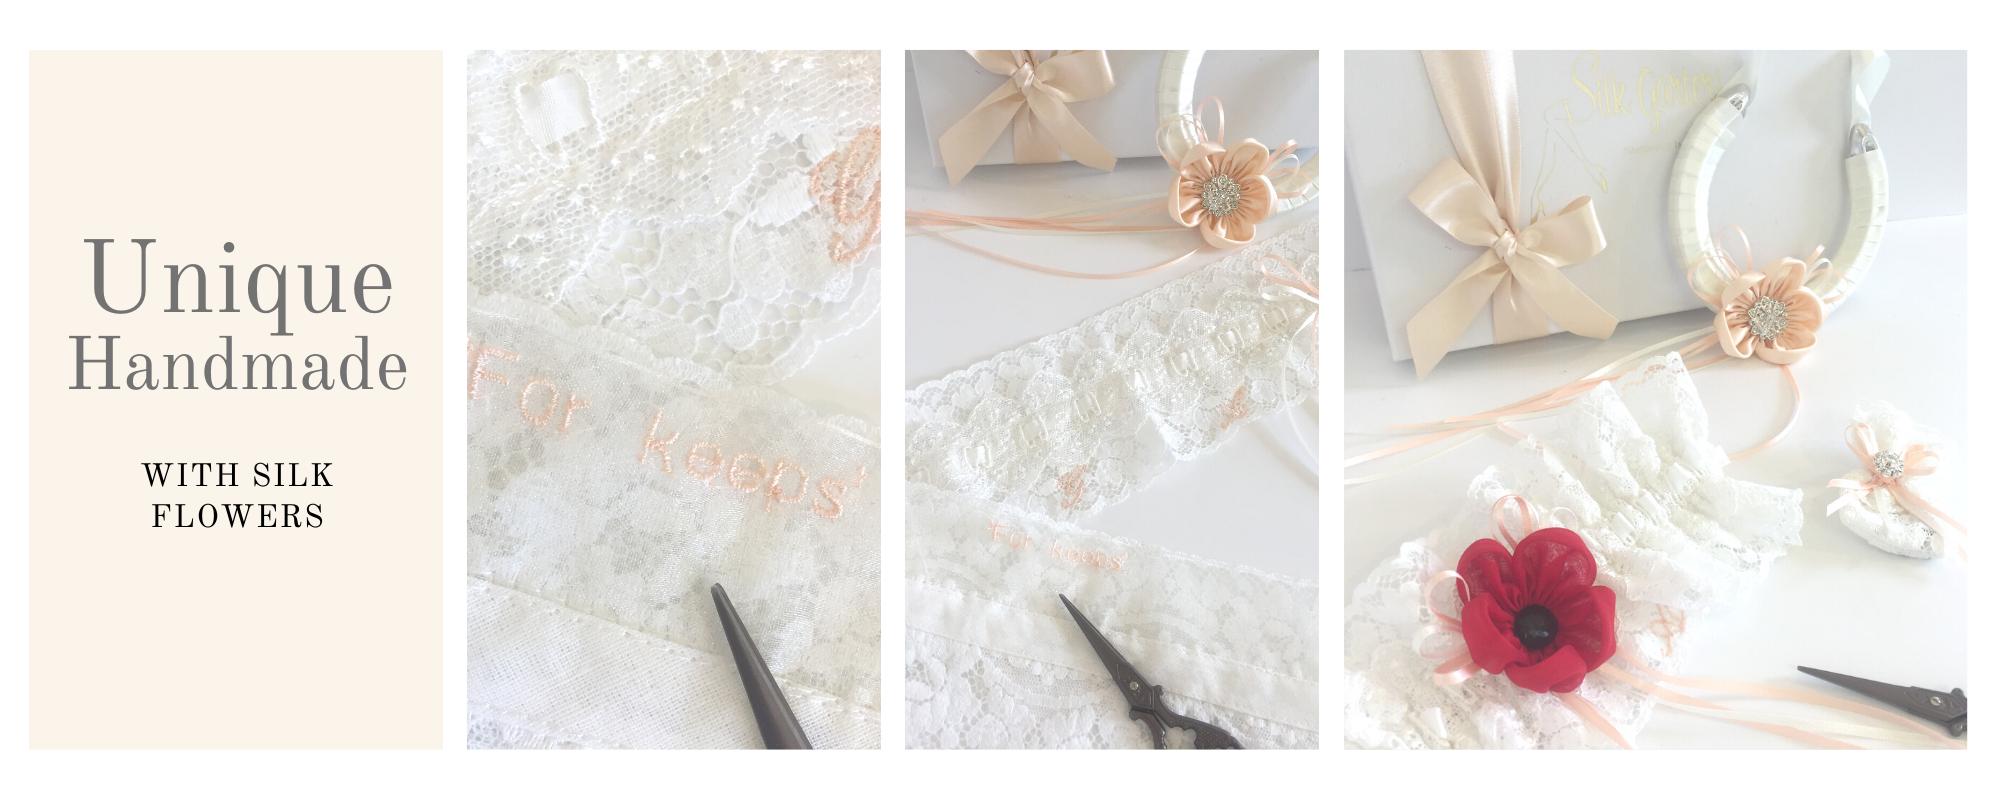 Unique handmade wedding garters